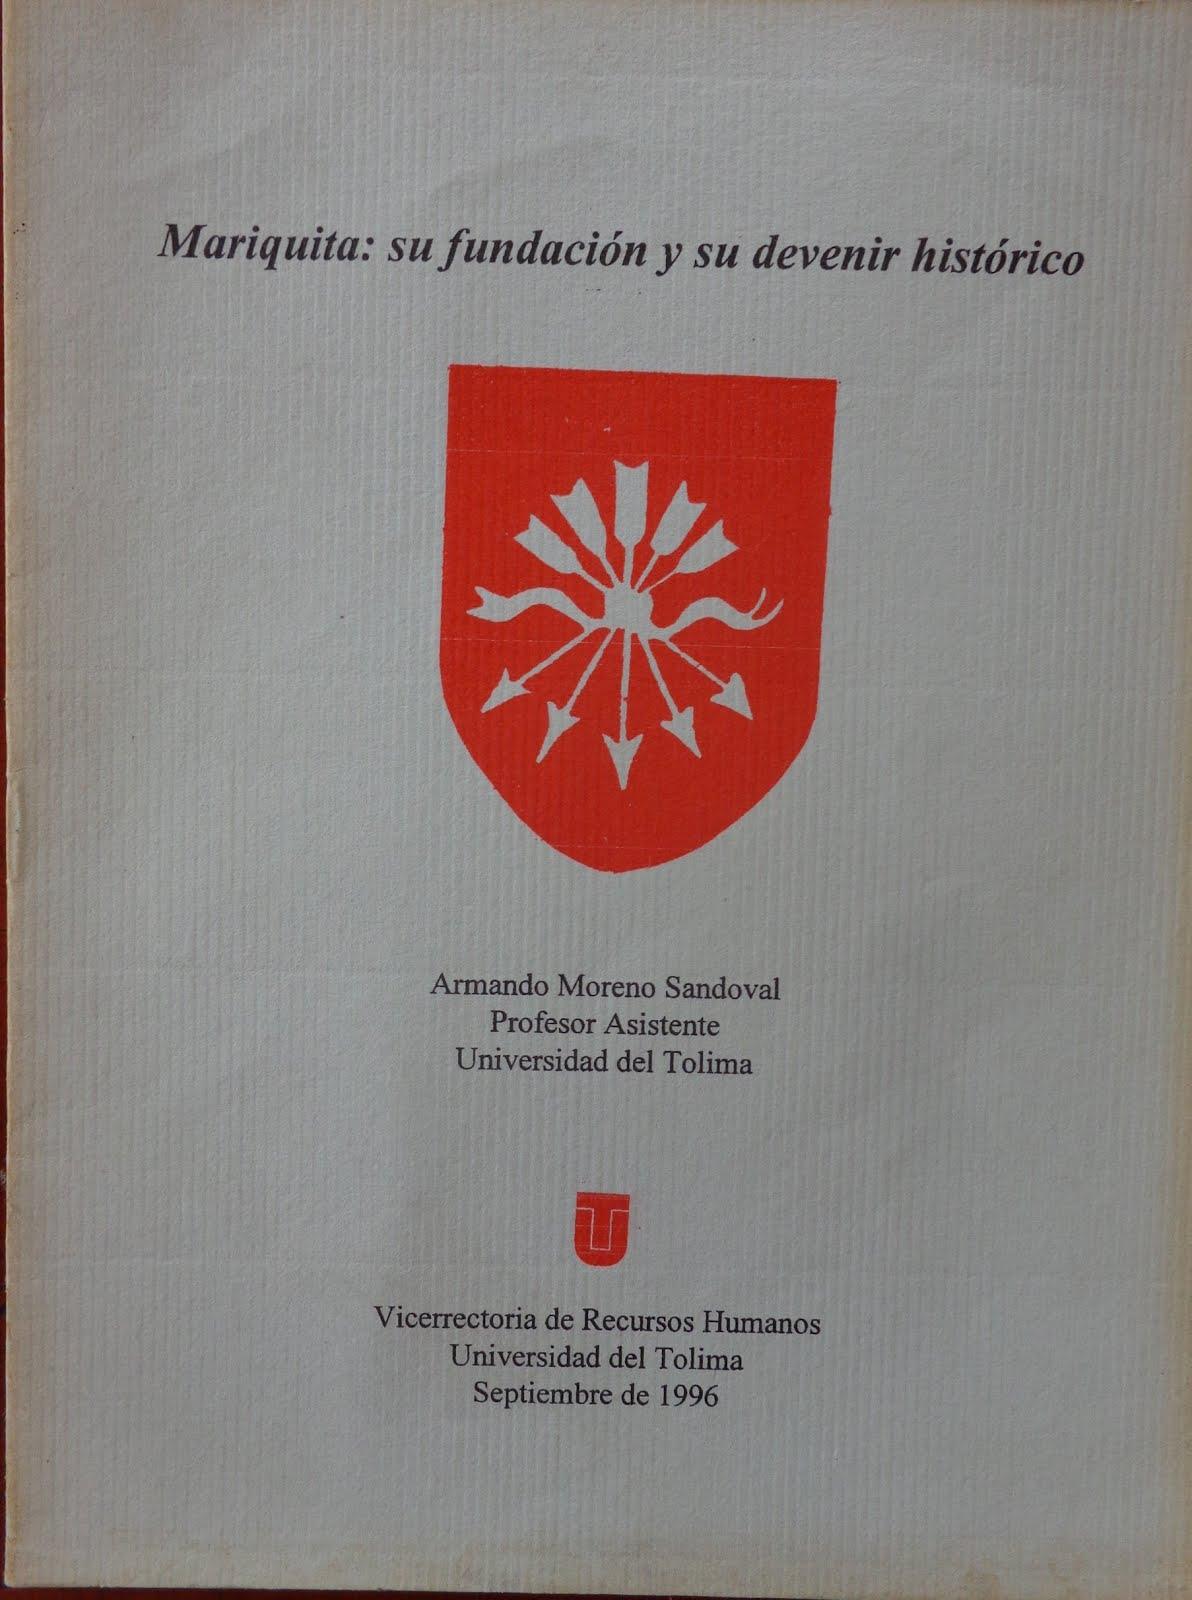 Mariquita: su fundación y devenir histórico